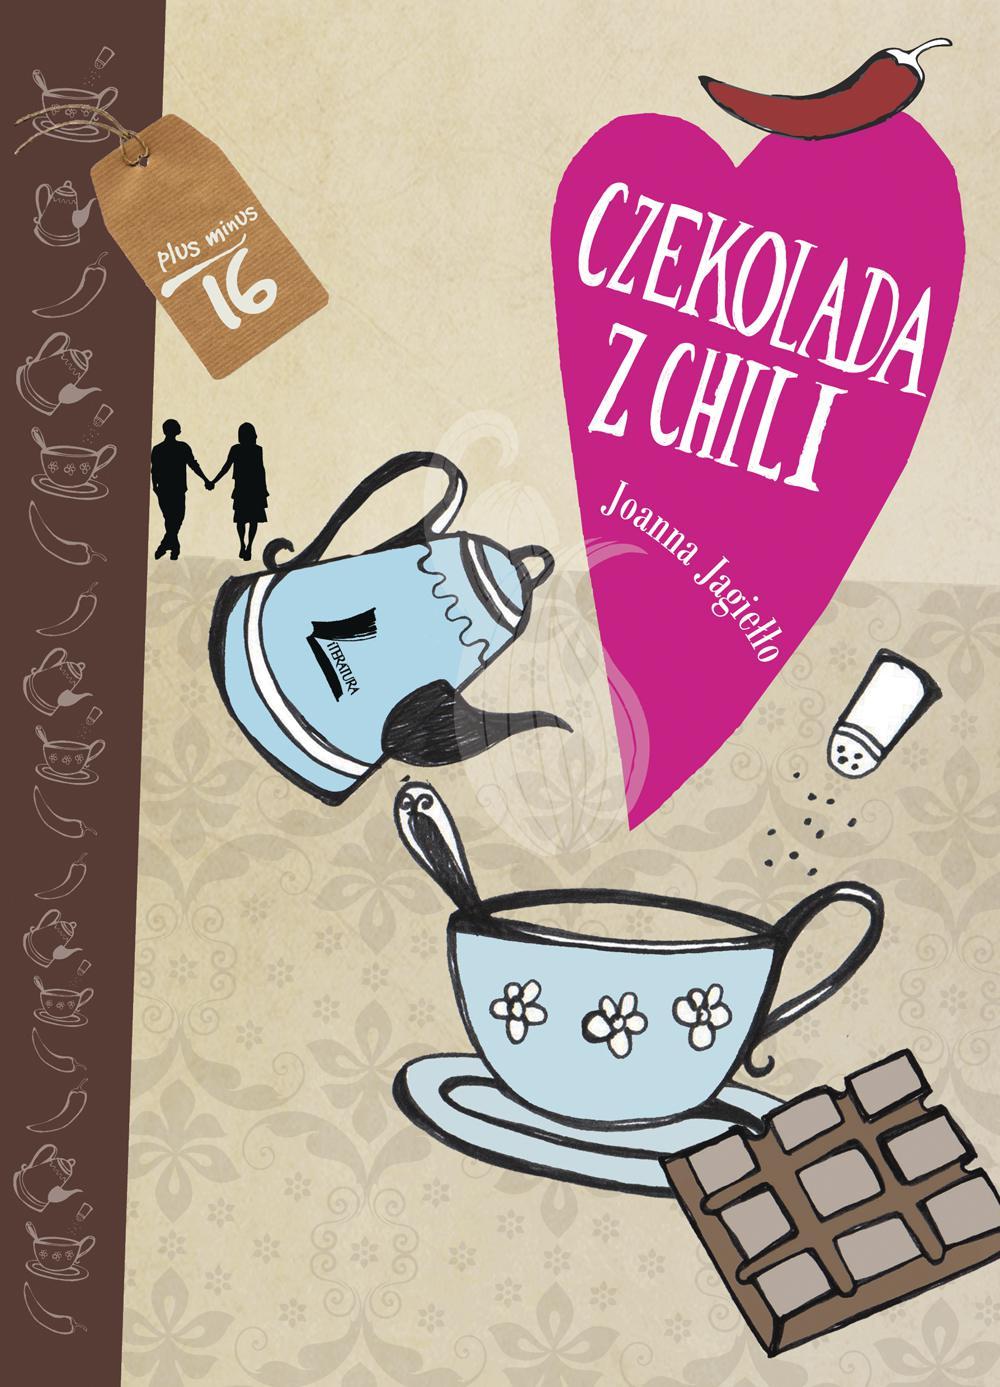 Czekolada z chili - Ebook (Książka na Kindle) do pobrania w formacie MOBI